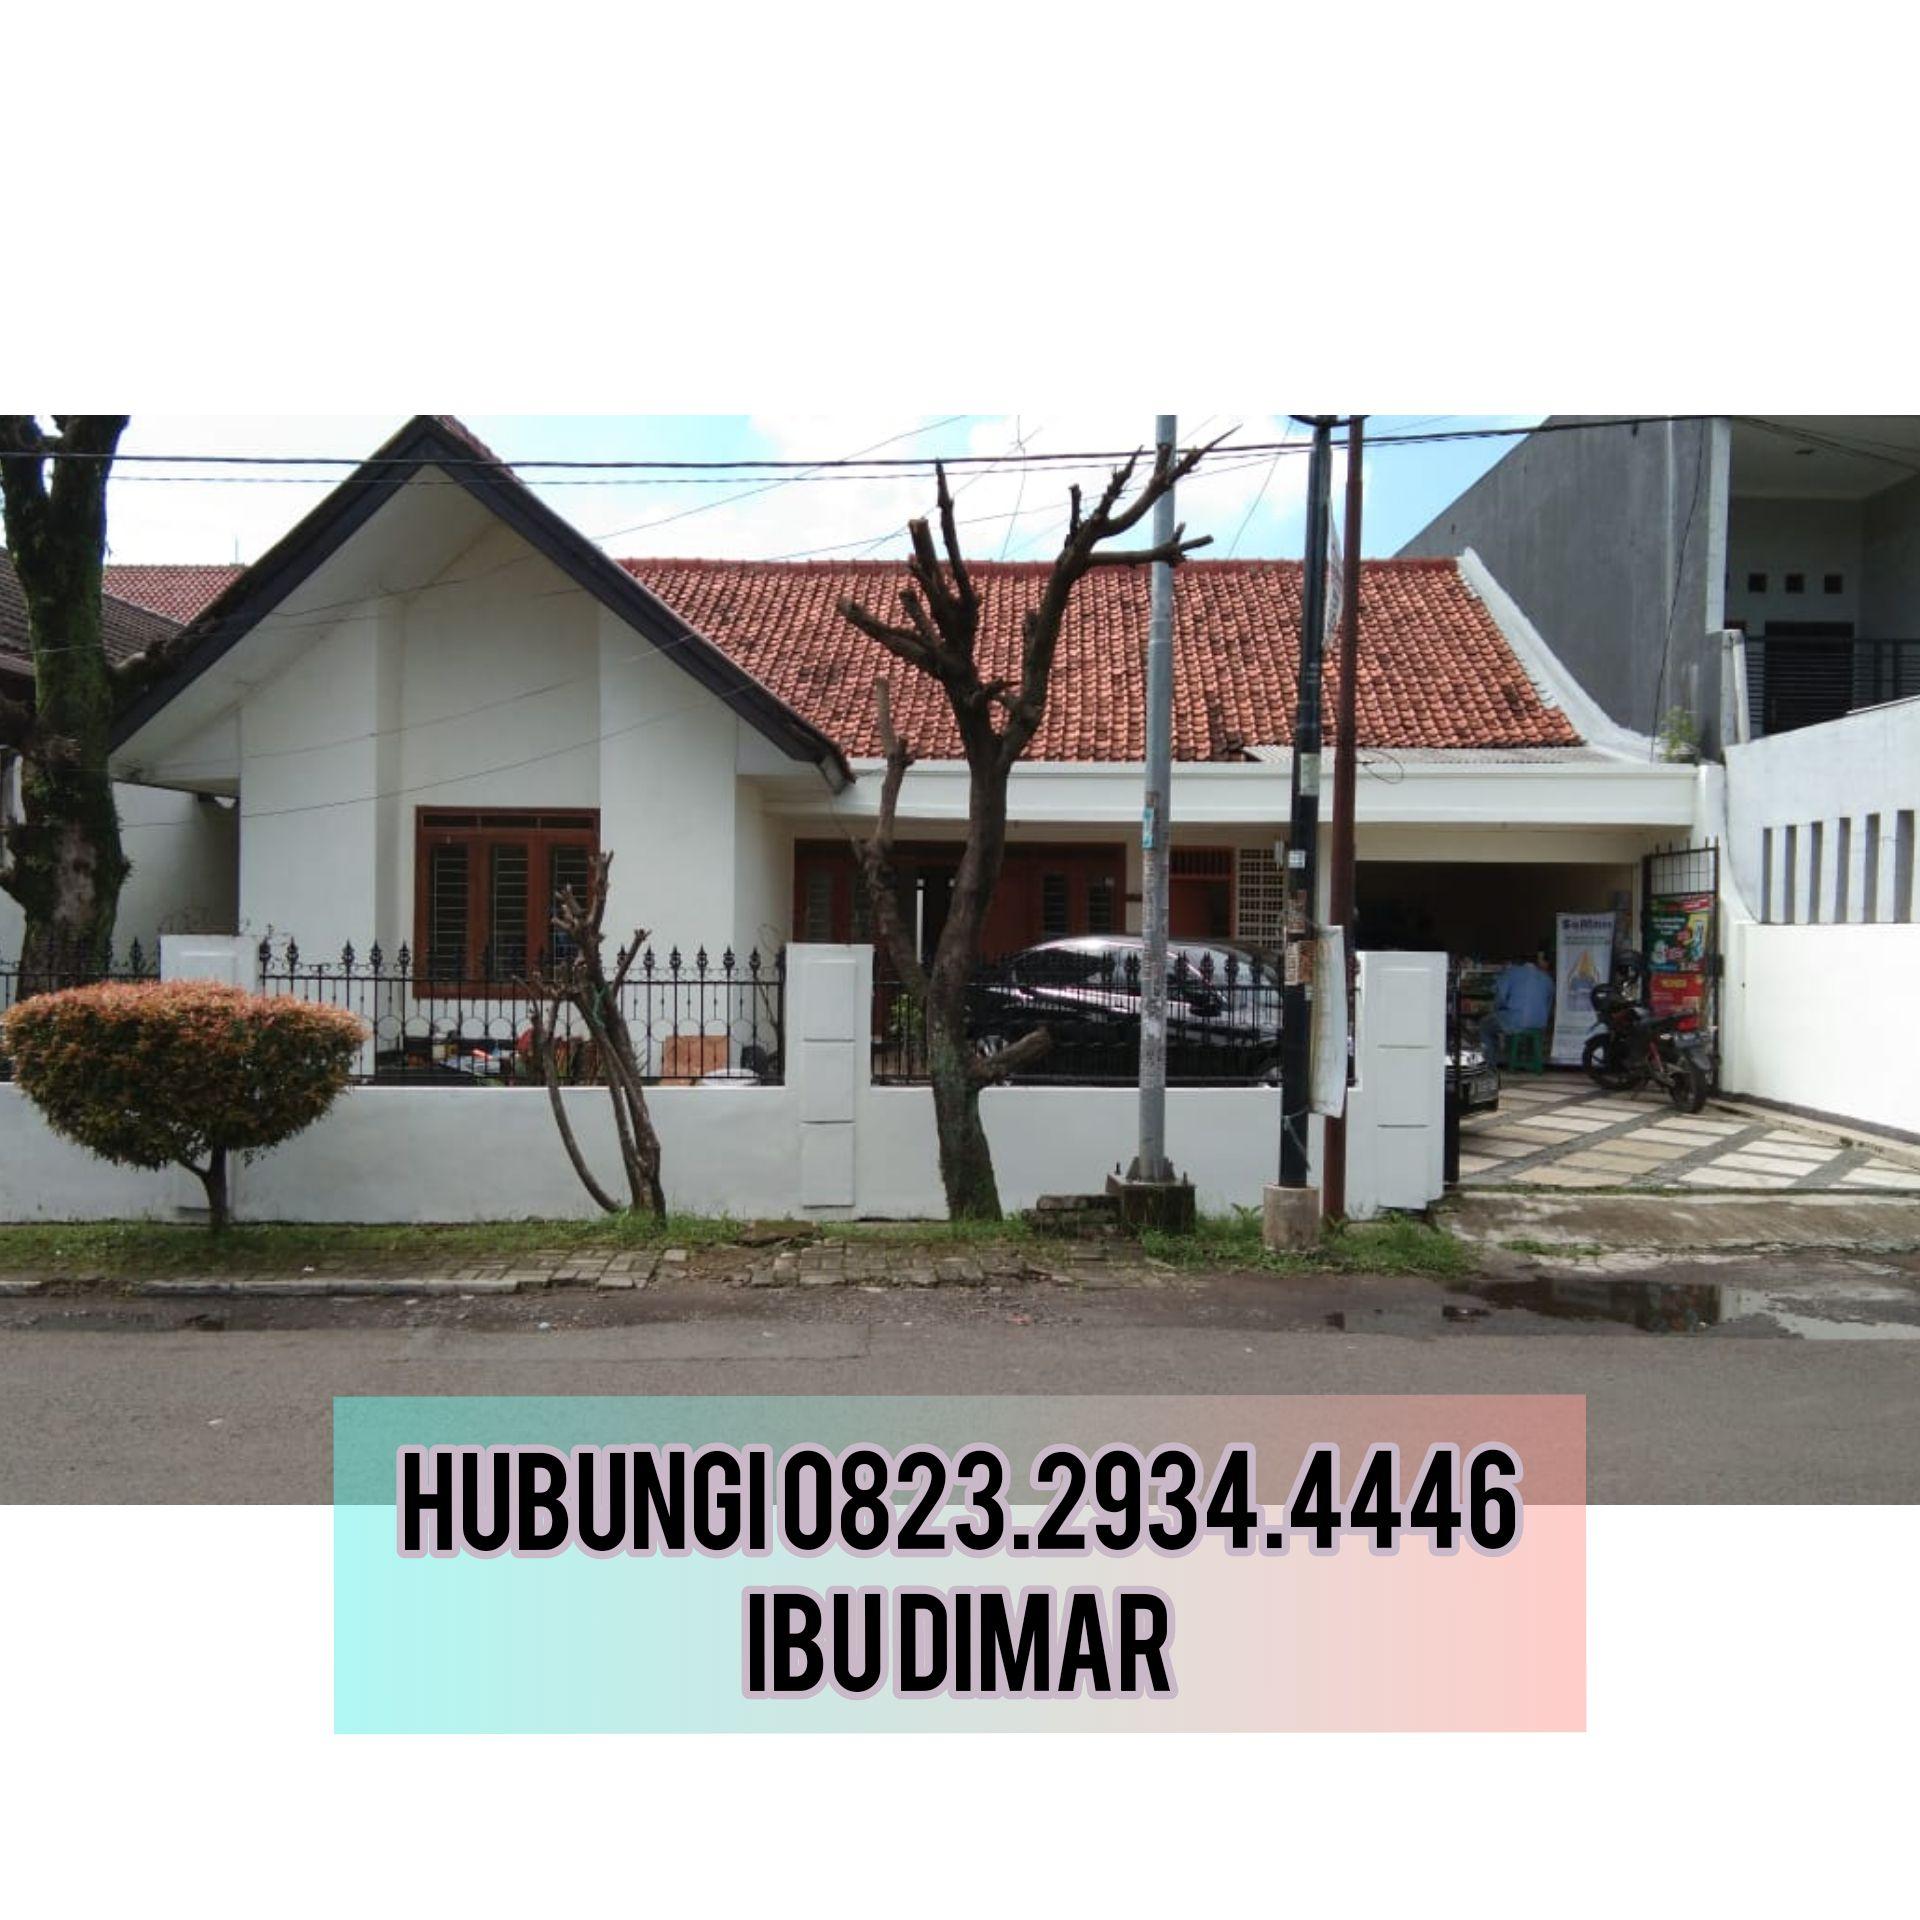 Jual Rumah Kota Bogor Jual Rumah Area Bogor Jual Rumah Strategis 0823 2934 4446 0857 9138 1223 Rumah Rumah Mewah Rumah Megah